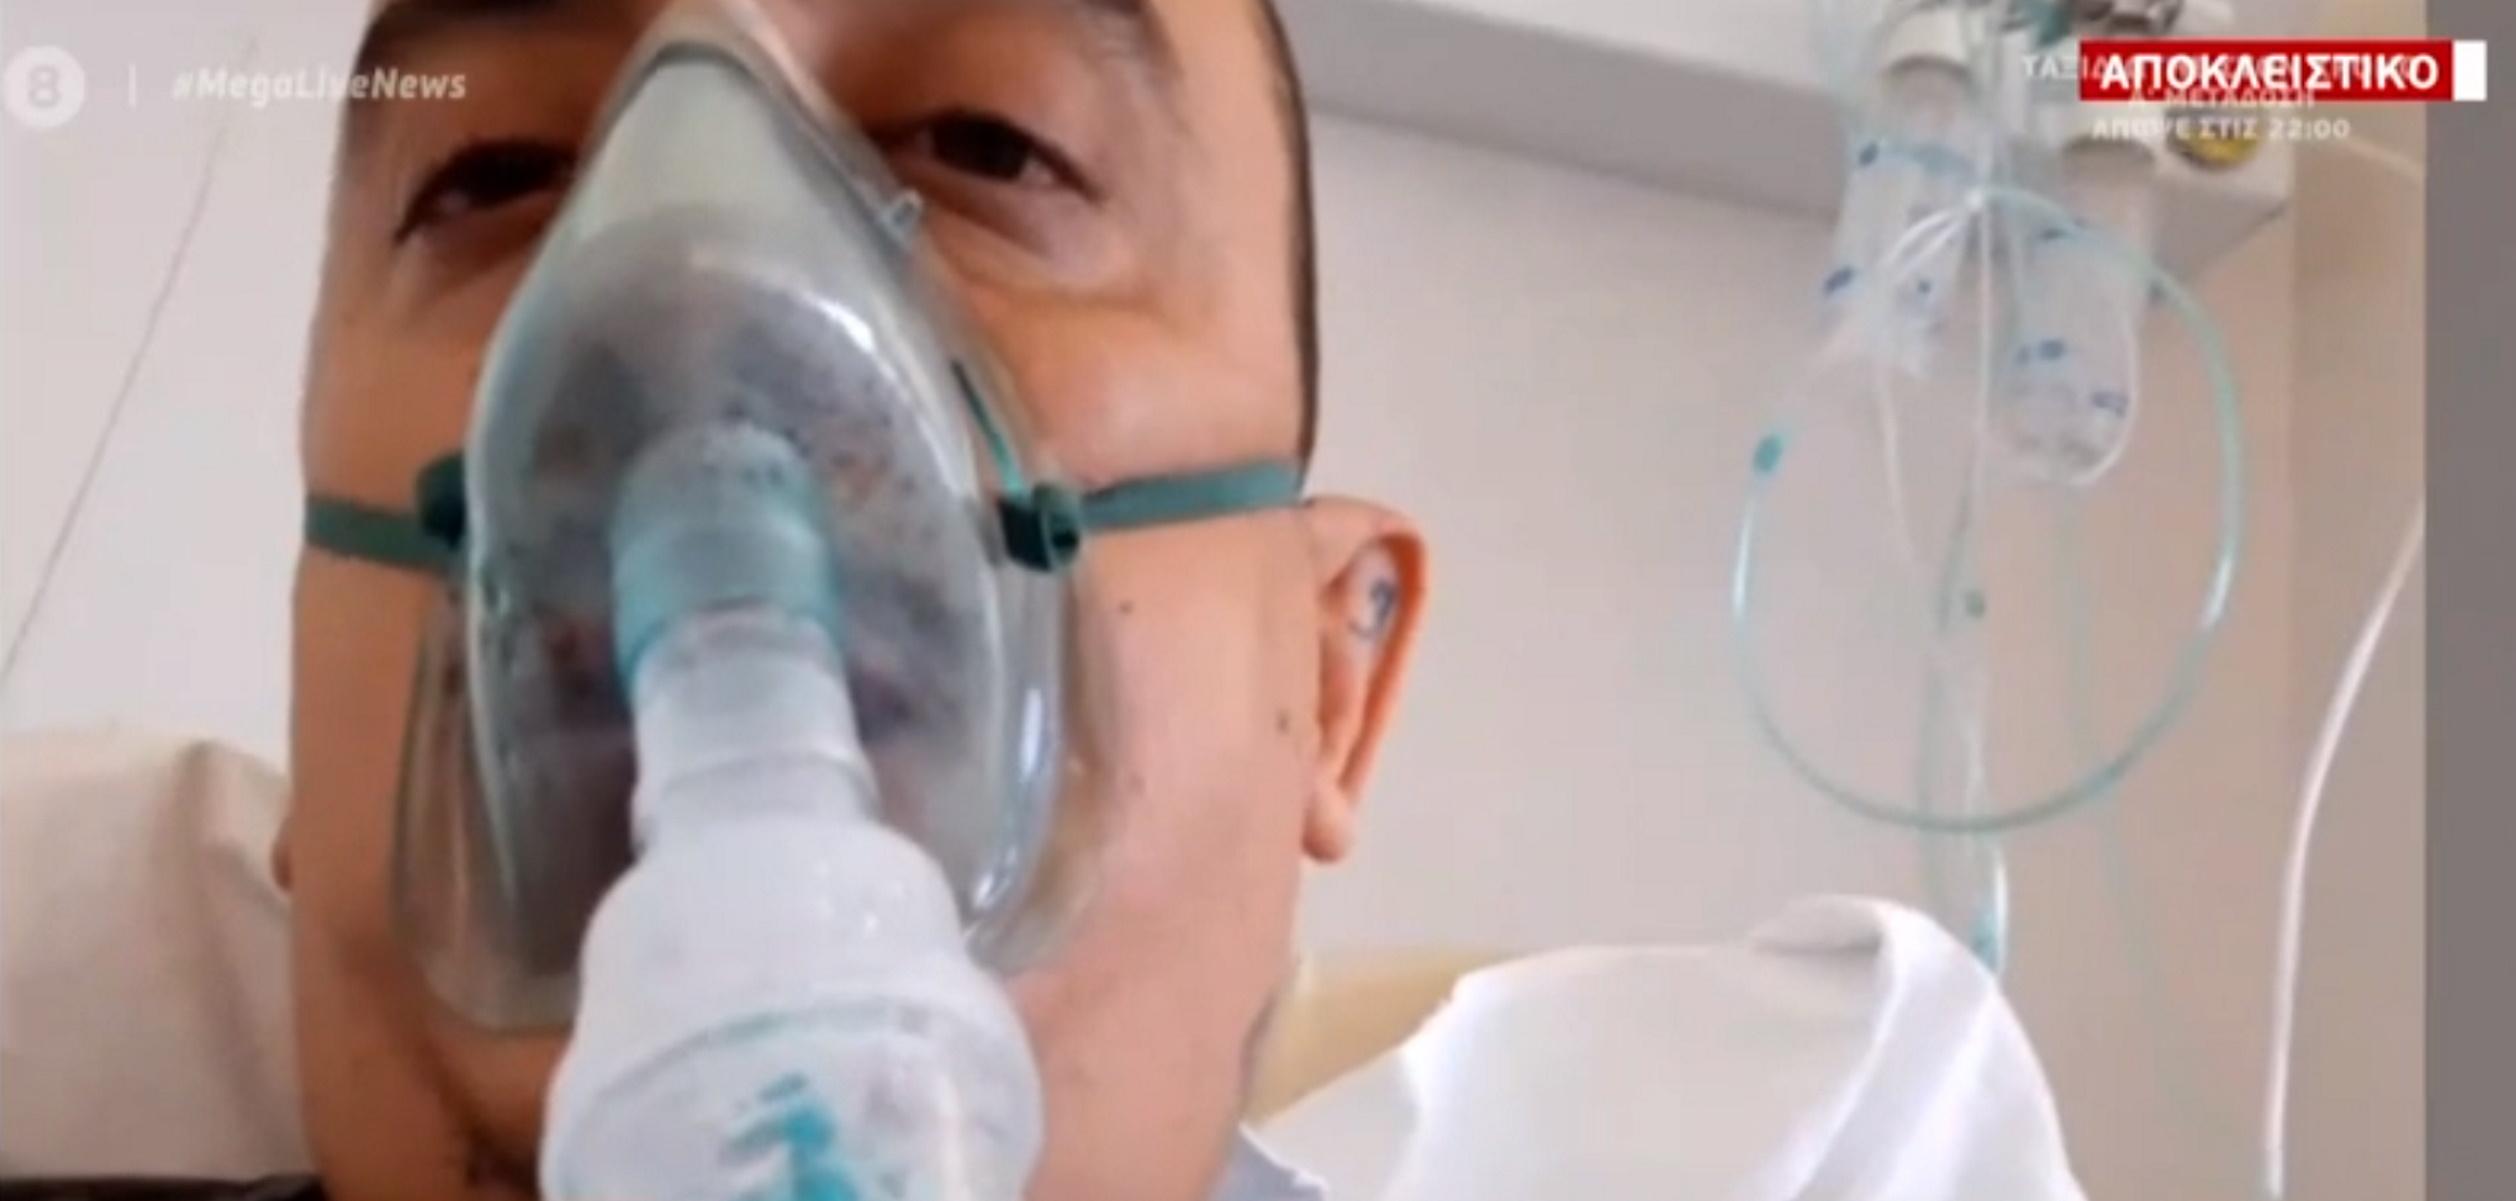 Κορονοϊός: «Ήμουν αρνητής μέχρι που αρρώστησα» – Δραματική περιγραφή με μάσκα οξυγόνου στο Live News (video)